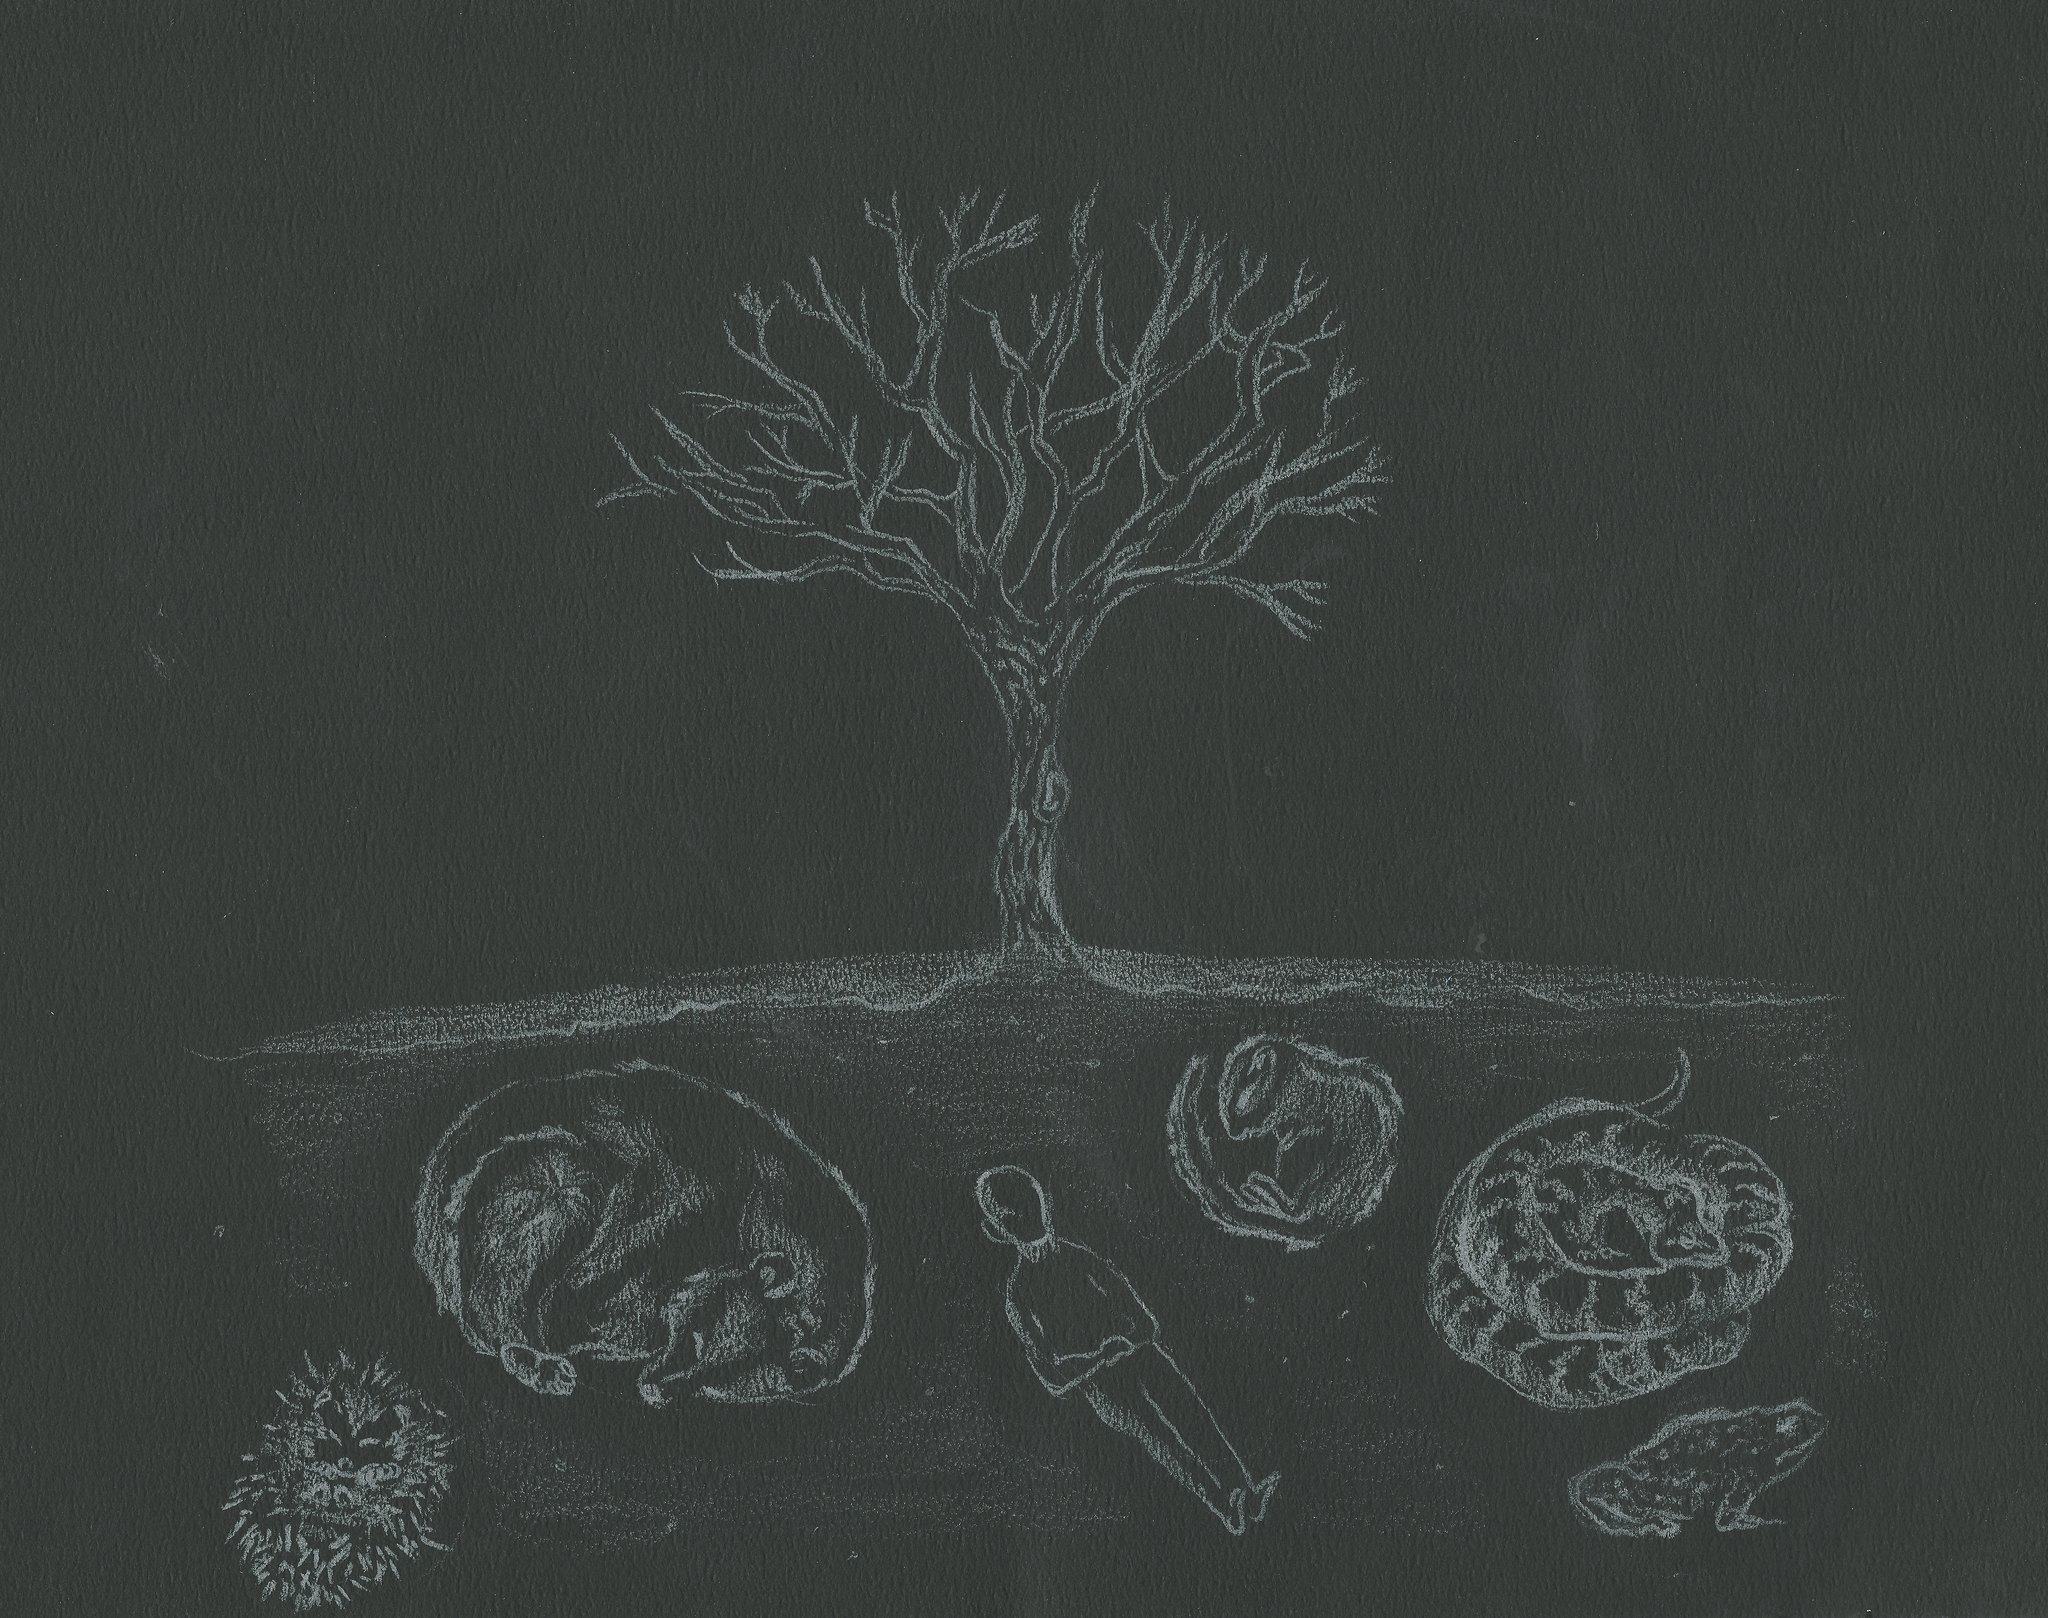 2019년12월_정재원의 그림을 죽음을 이야기하다